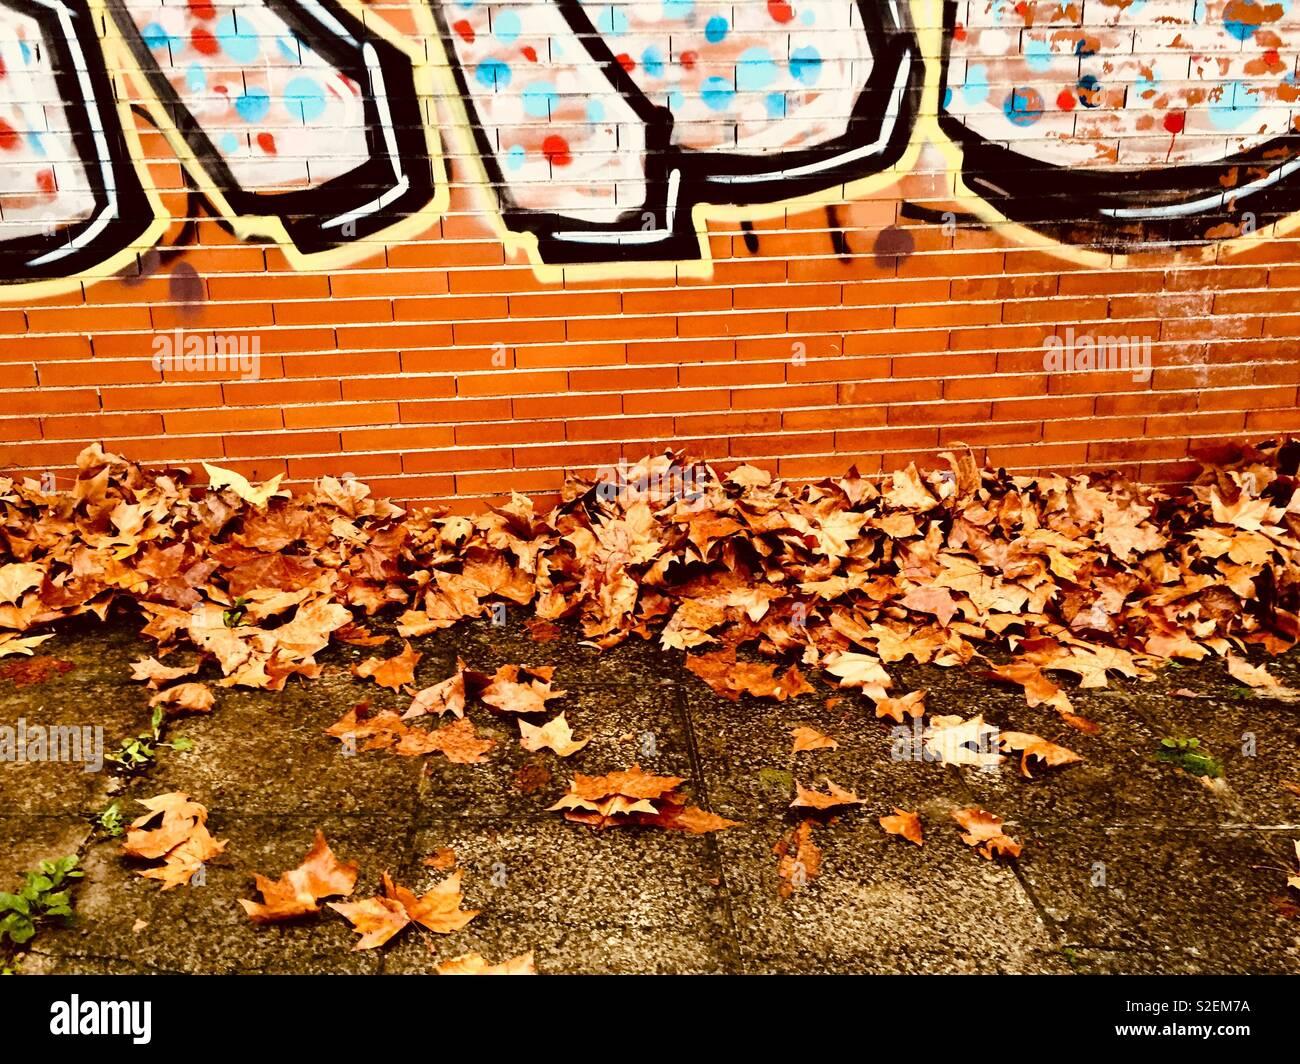 Secar folhas de outono em uma parede com um graffiti Imagens de Stock